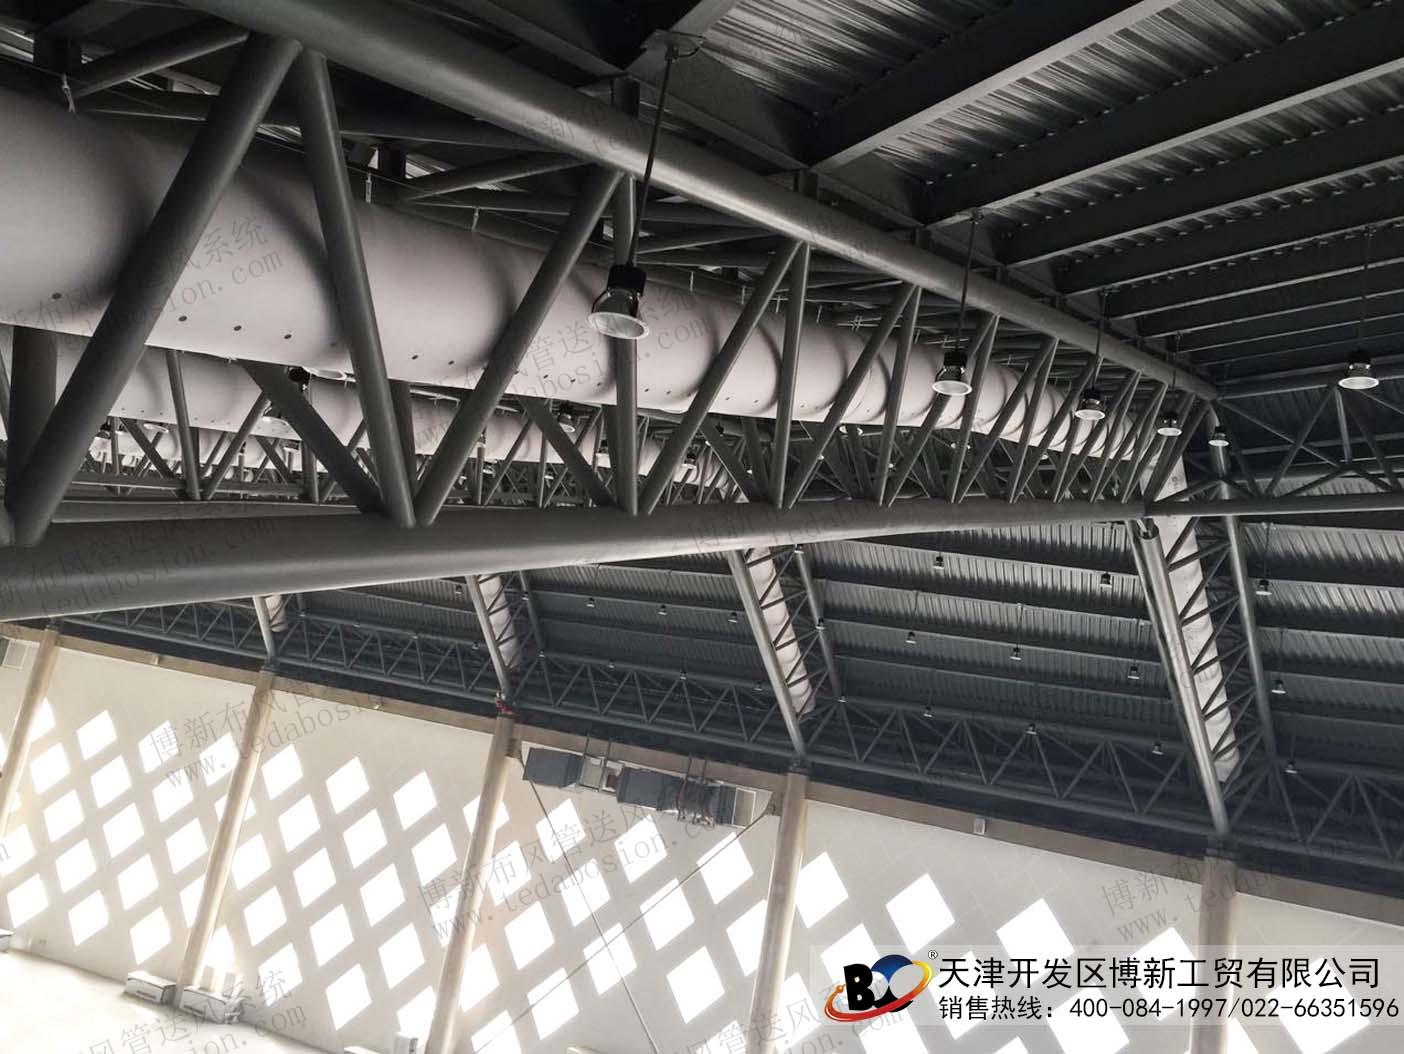 运用国际领先大跨度空间结构技术